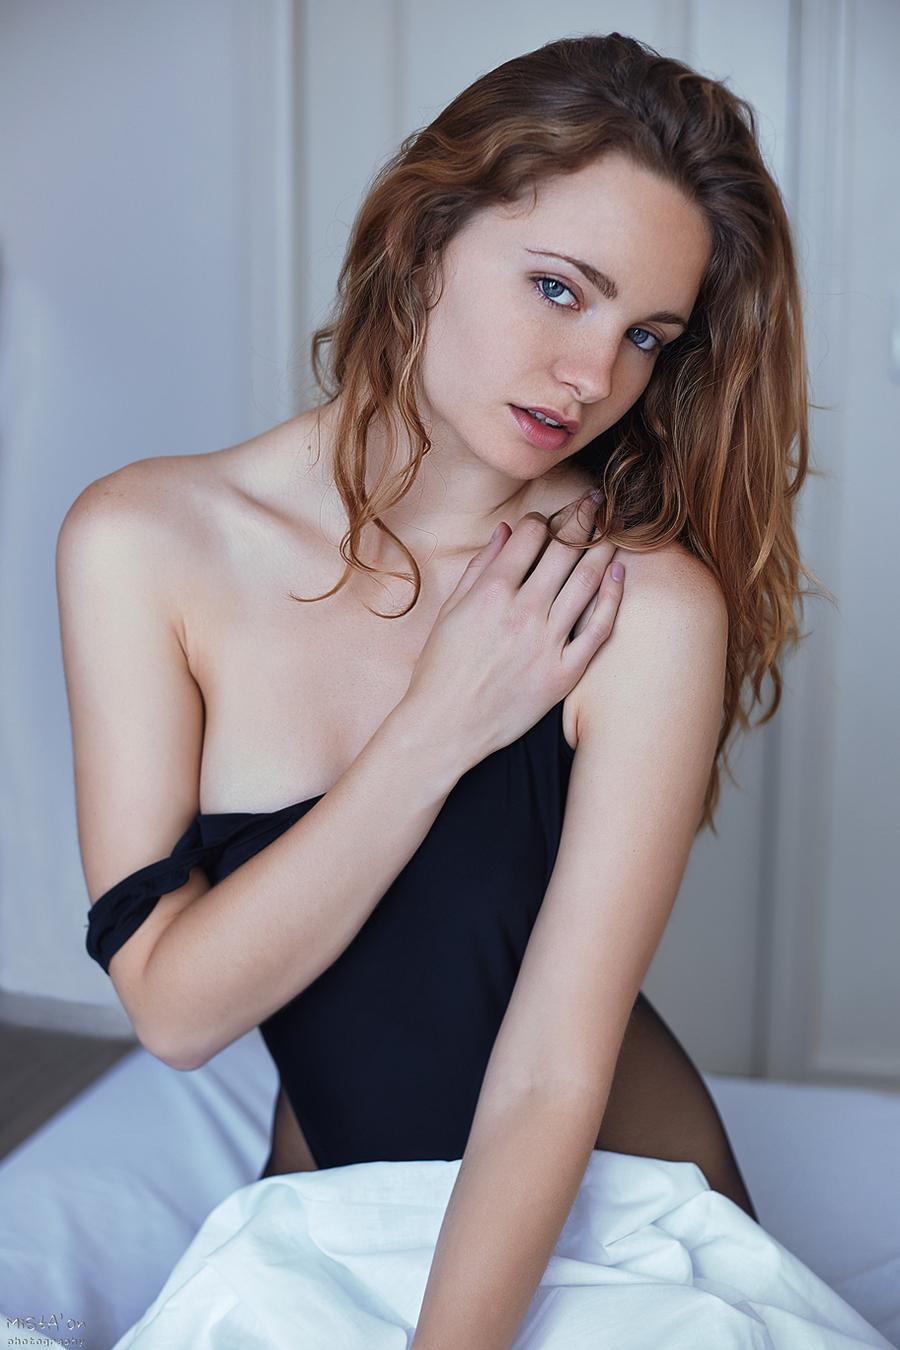 Coy / Model Evelyn Sommer / Uploaded 15th April 2019 @ 11:54 PM